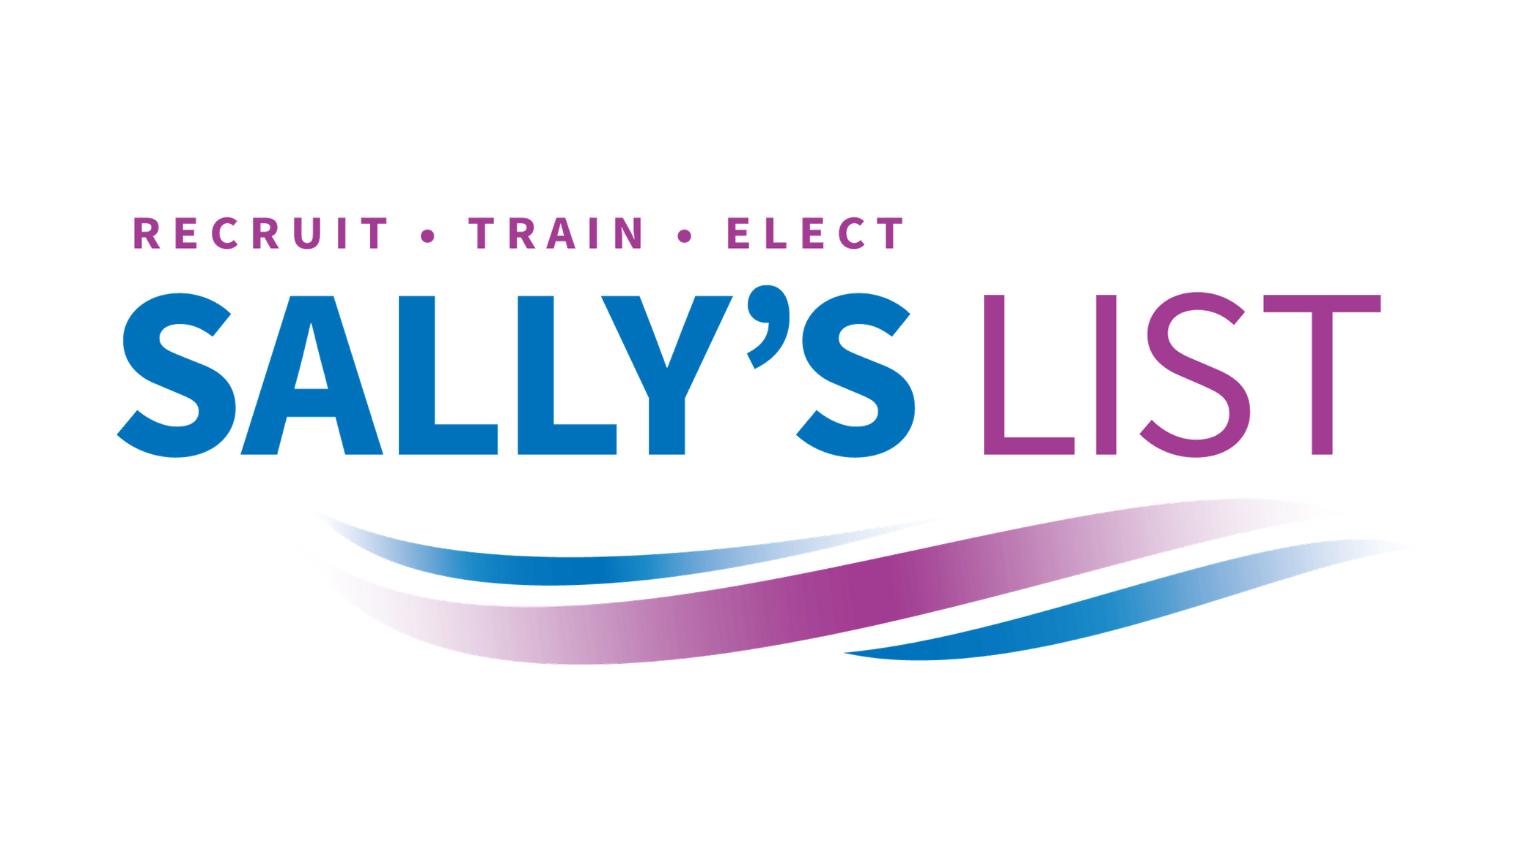 Sally's List